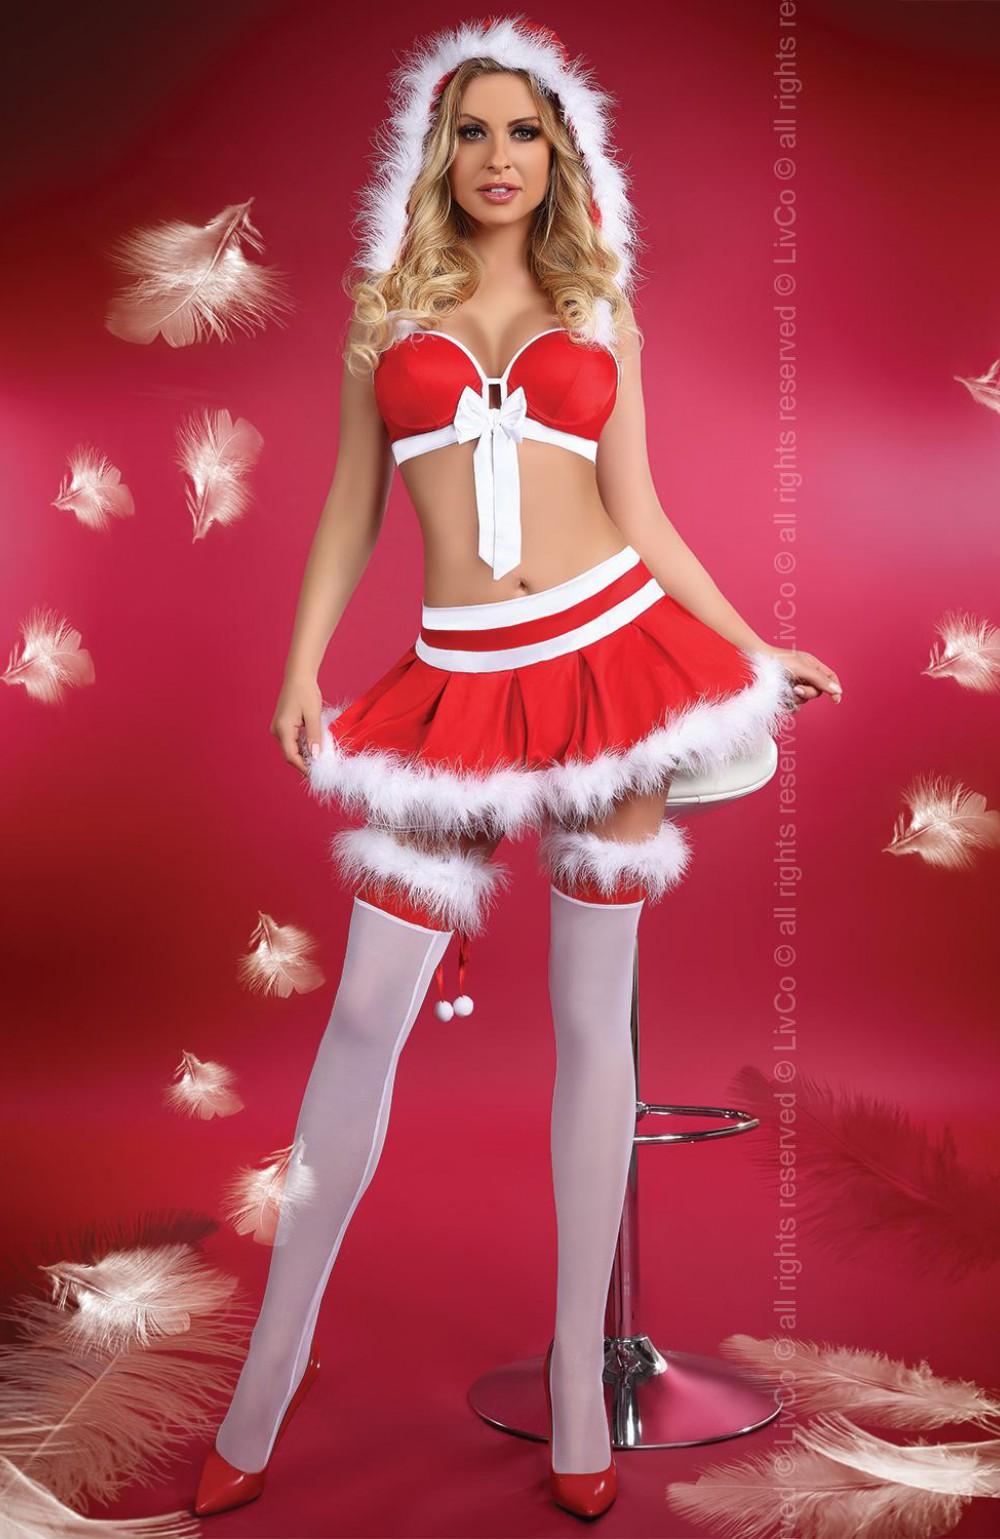 Эротическое костюм новогоднее 4 фотография